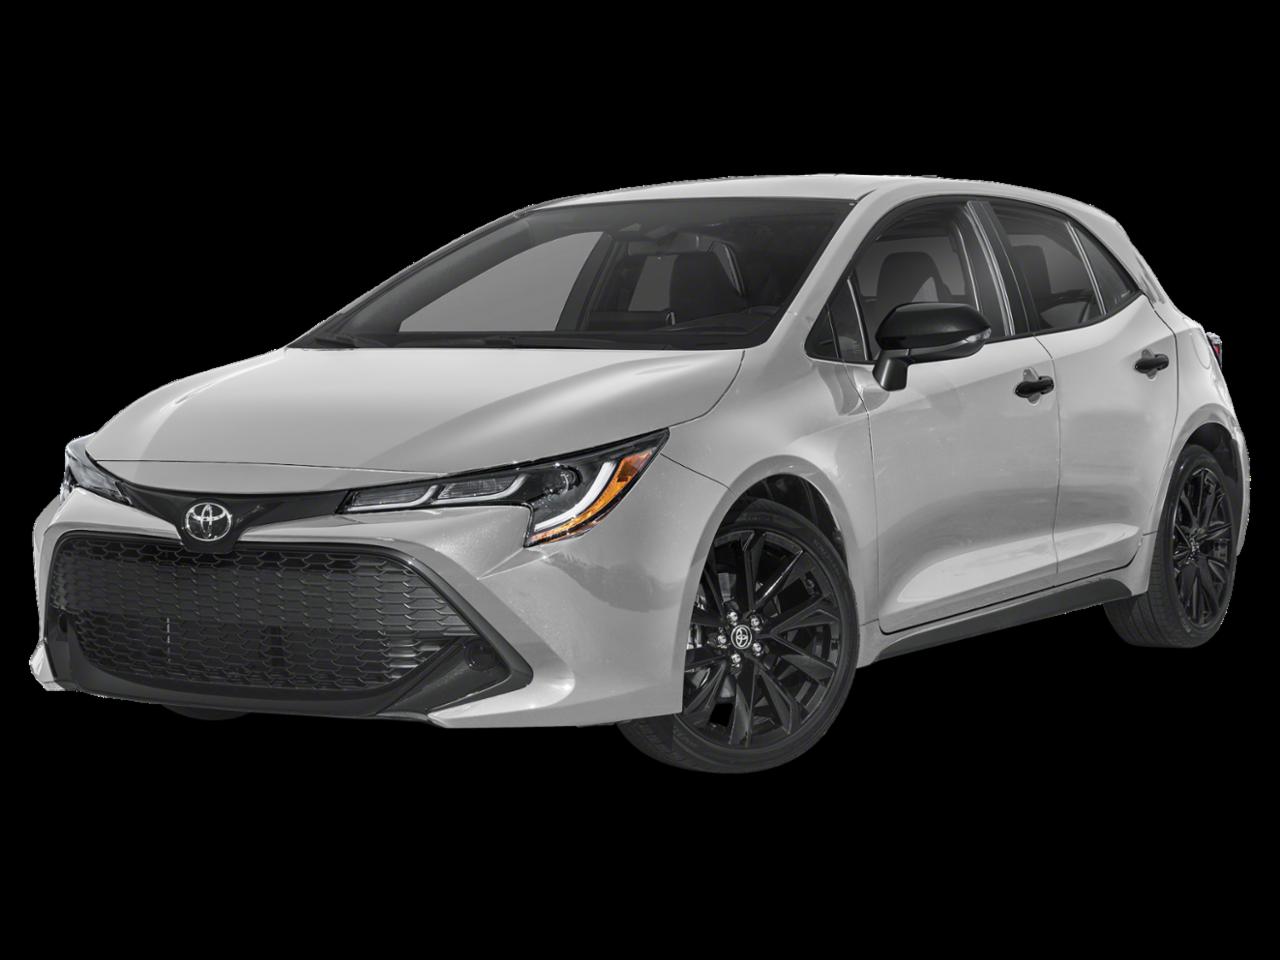 Toyota 2020 Corolla Hatchback Nightshade